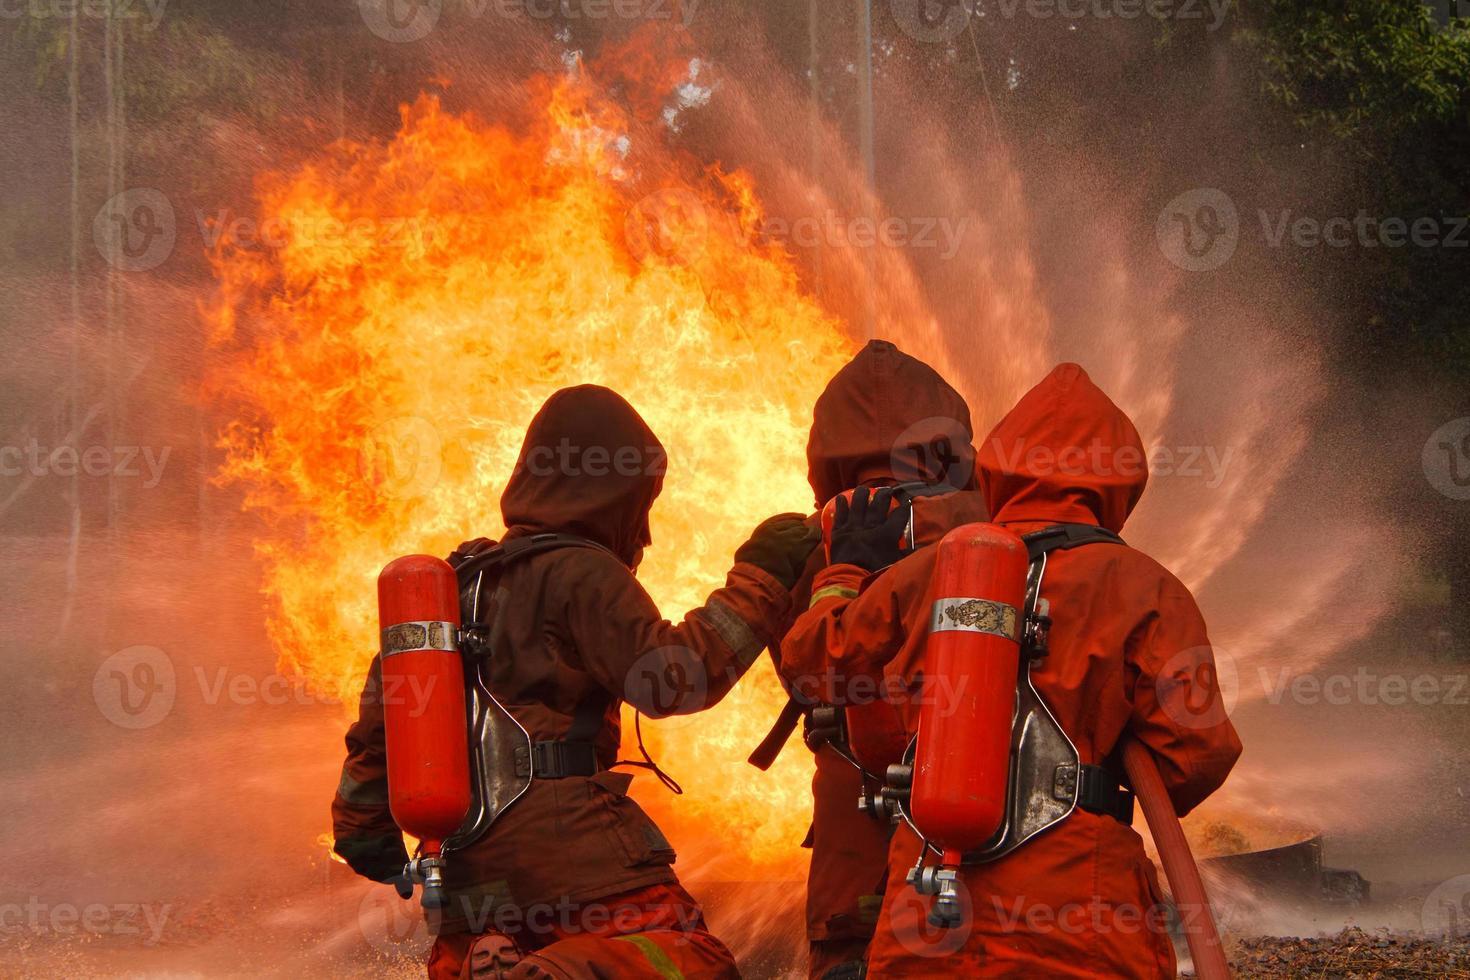 tre vigili del fuoco che usano un cannone ad acqua per spegnere un incendio foto